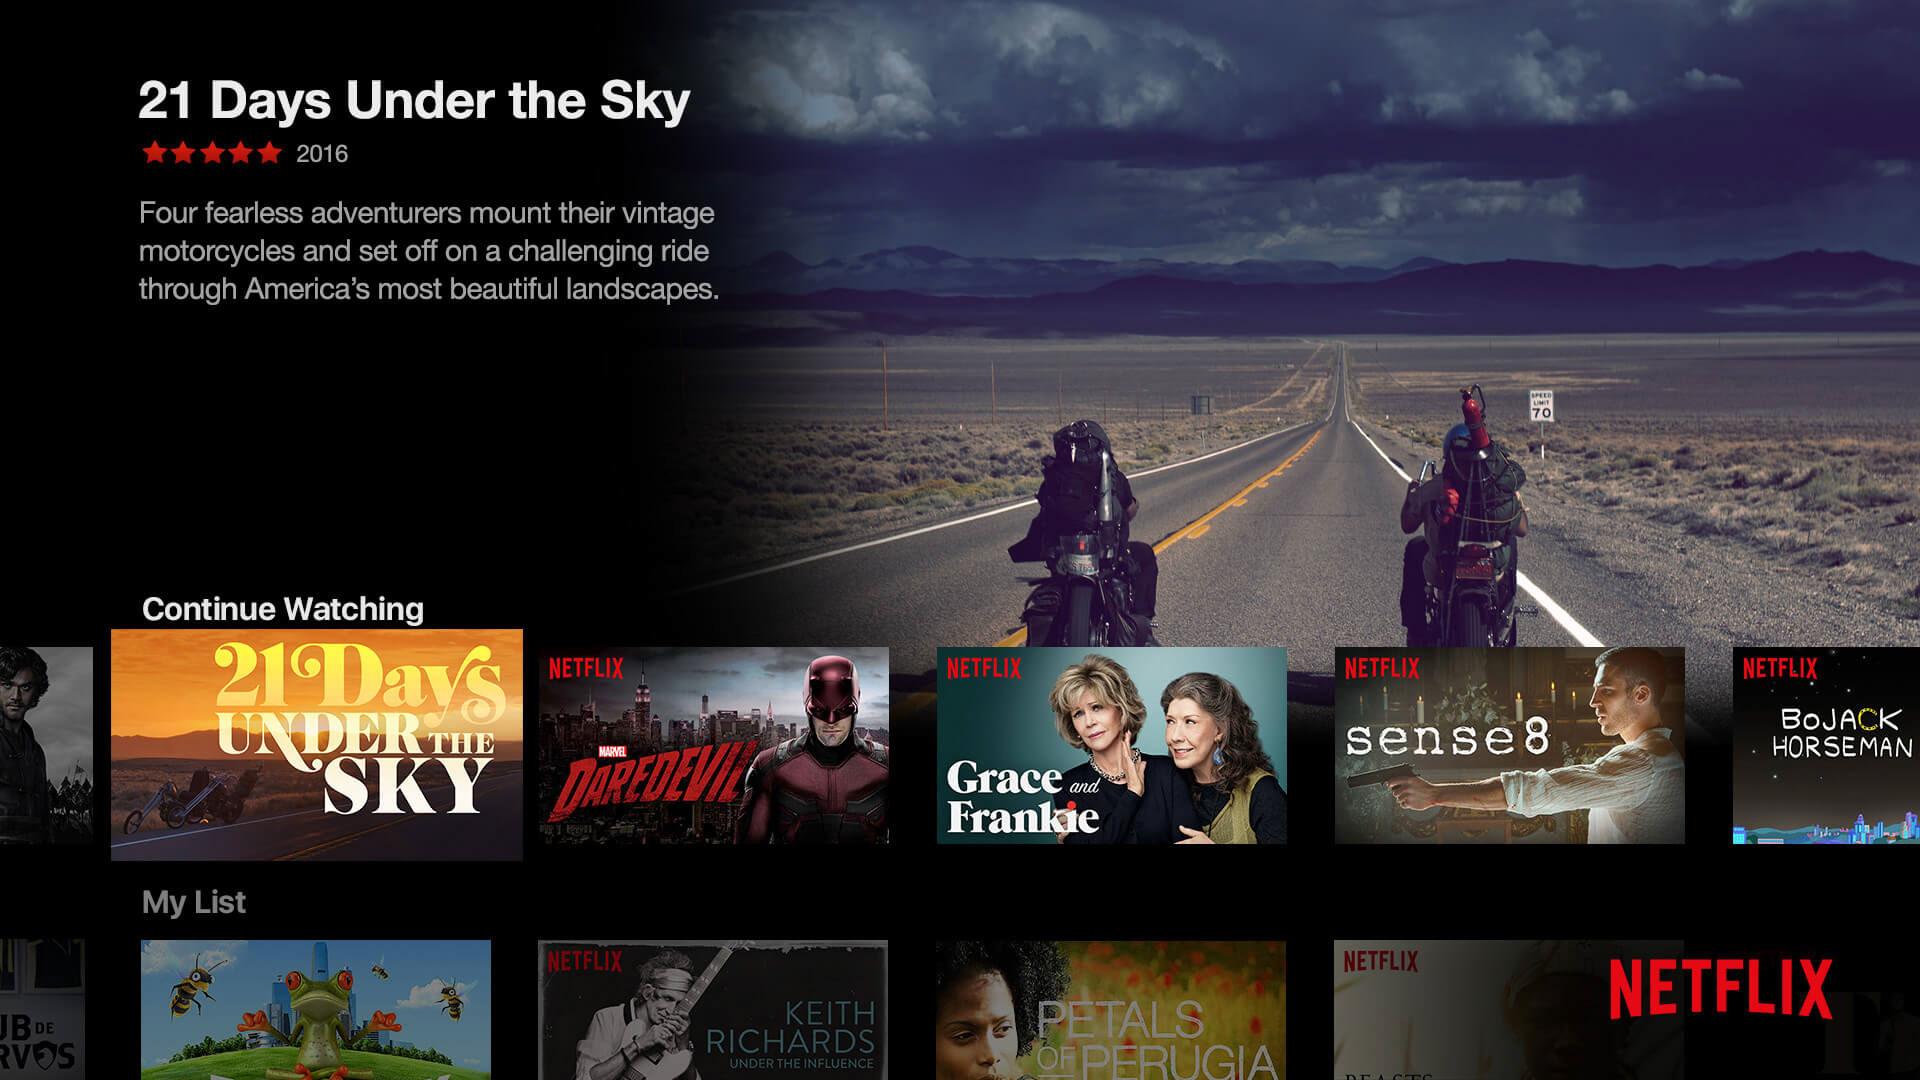 21 Days Under the Sky Netflix screenshot